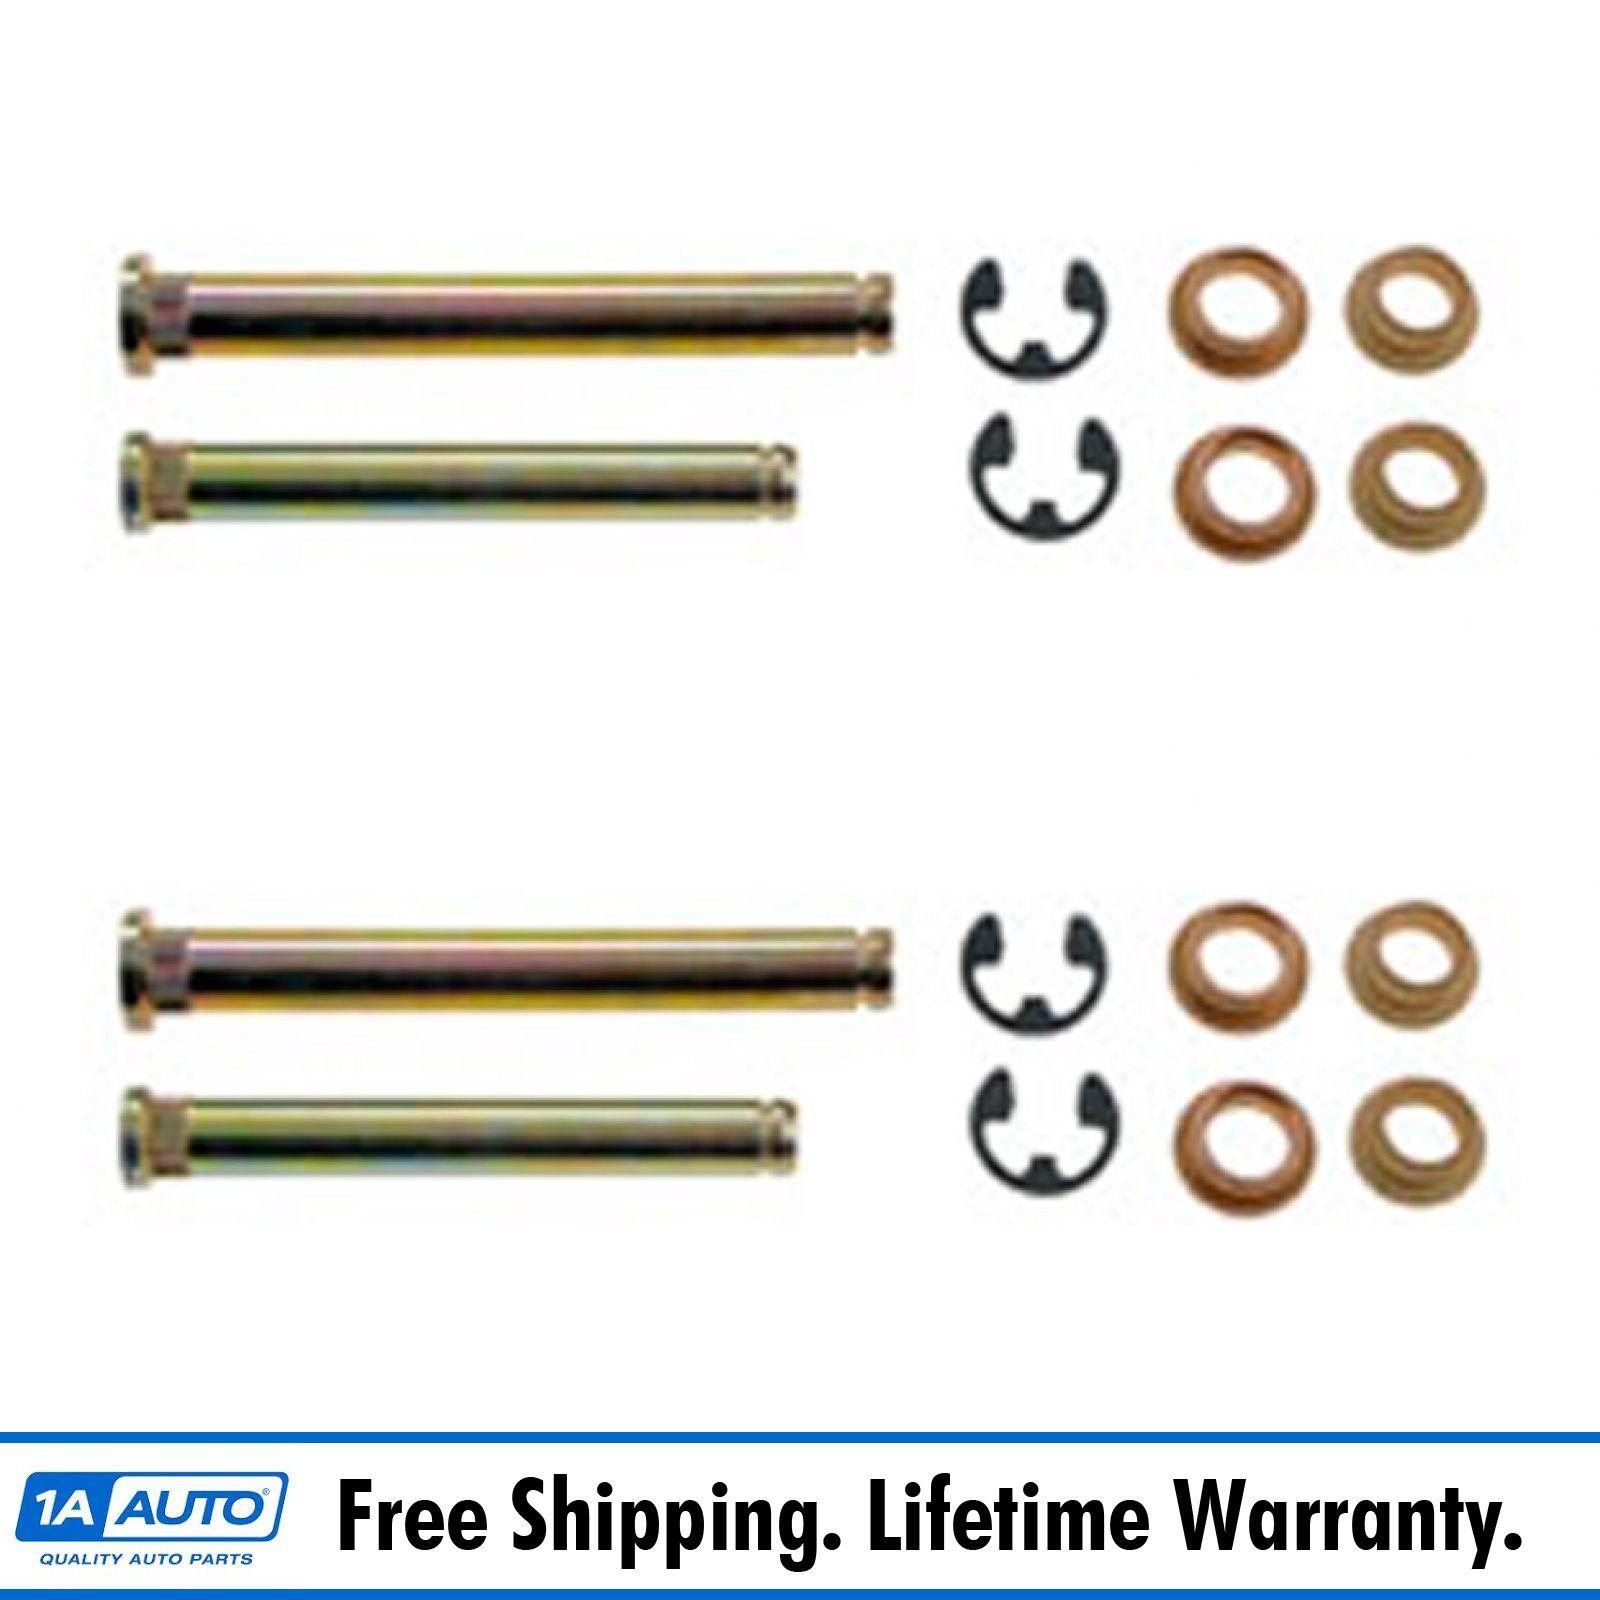 for Chrysler Dodge 4 Pins /& 8 Bushings Dorman Door Hinge Pin /& Bushing Kit Set